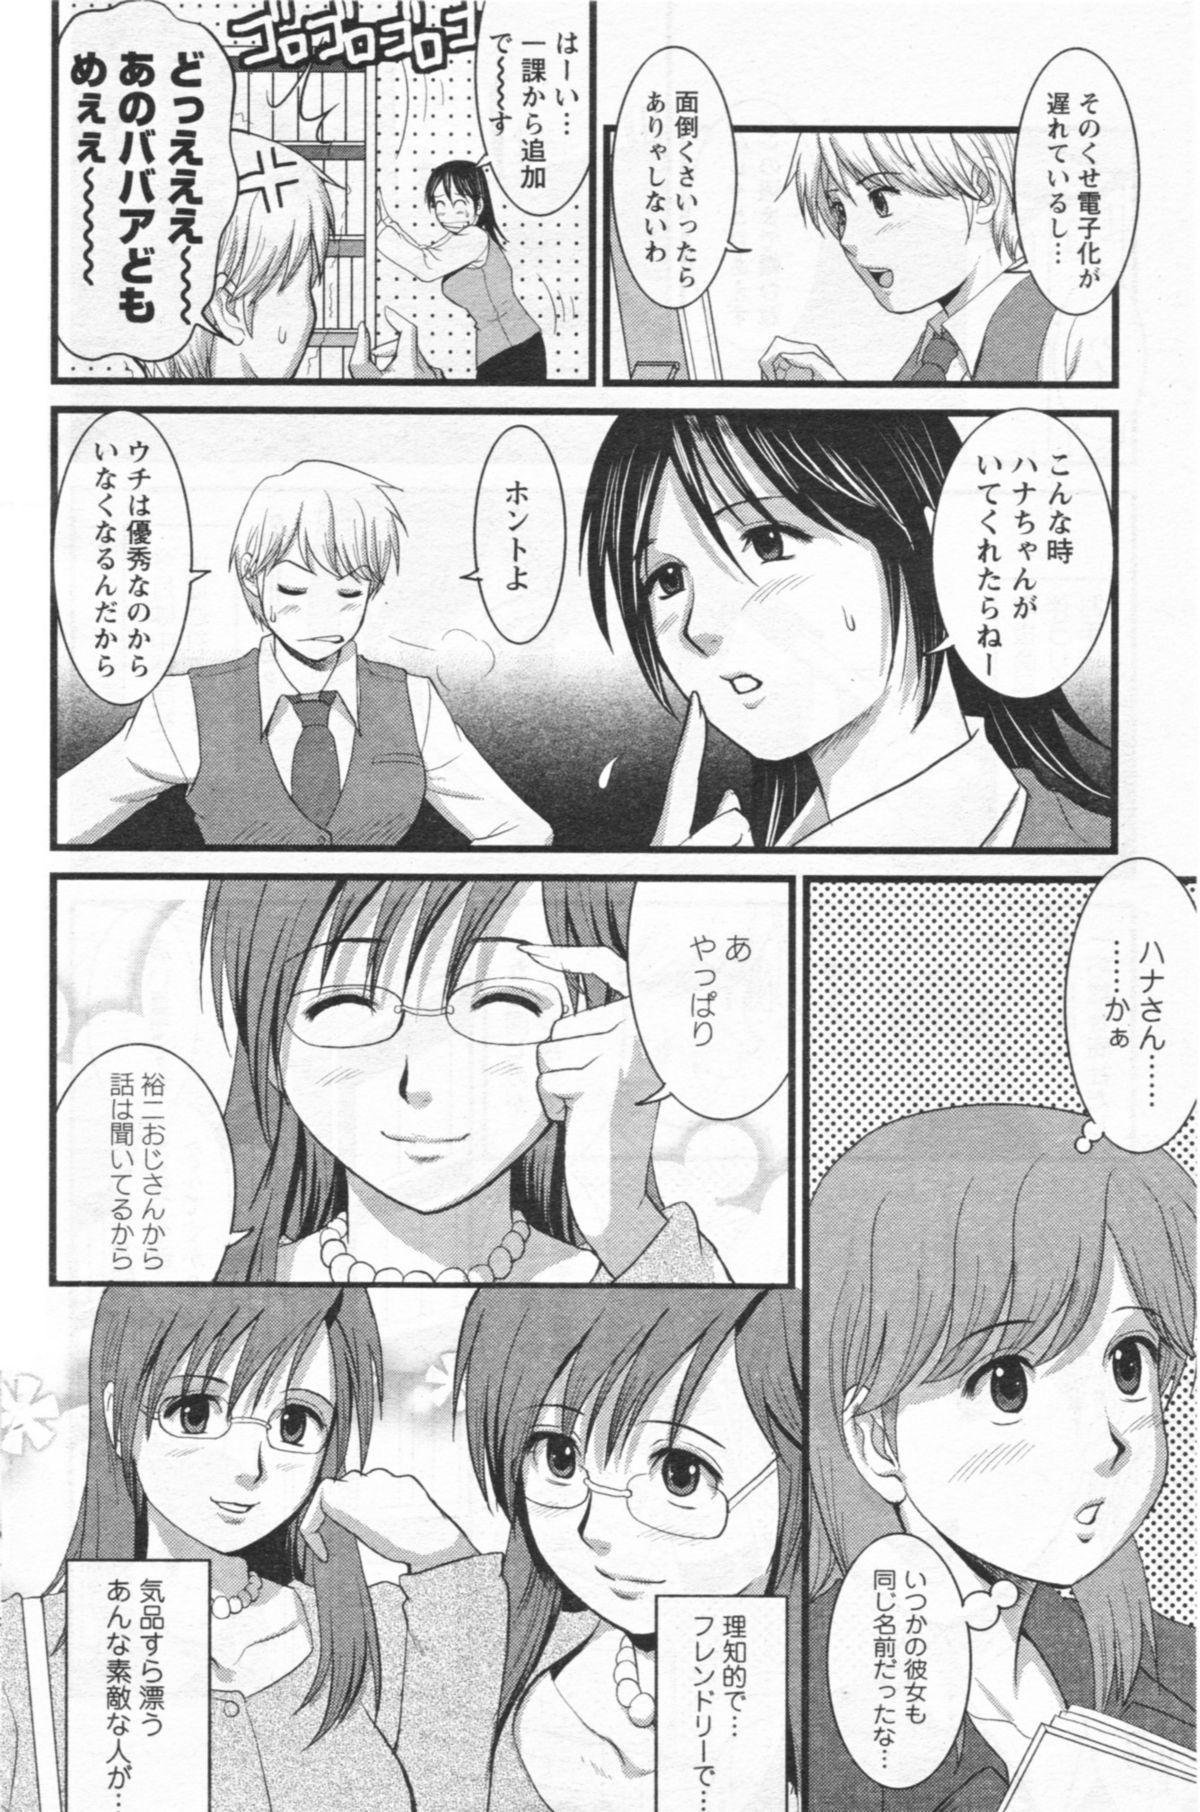 Haken no Muuko-san 12 6